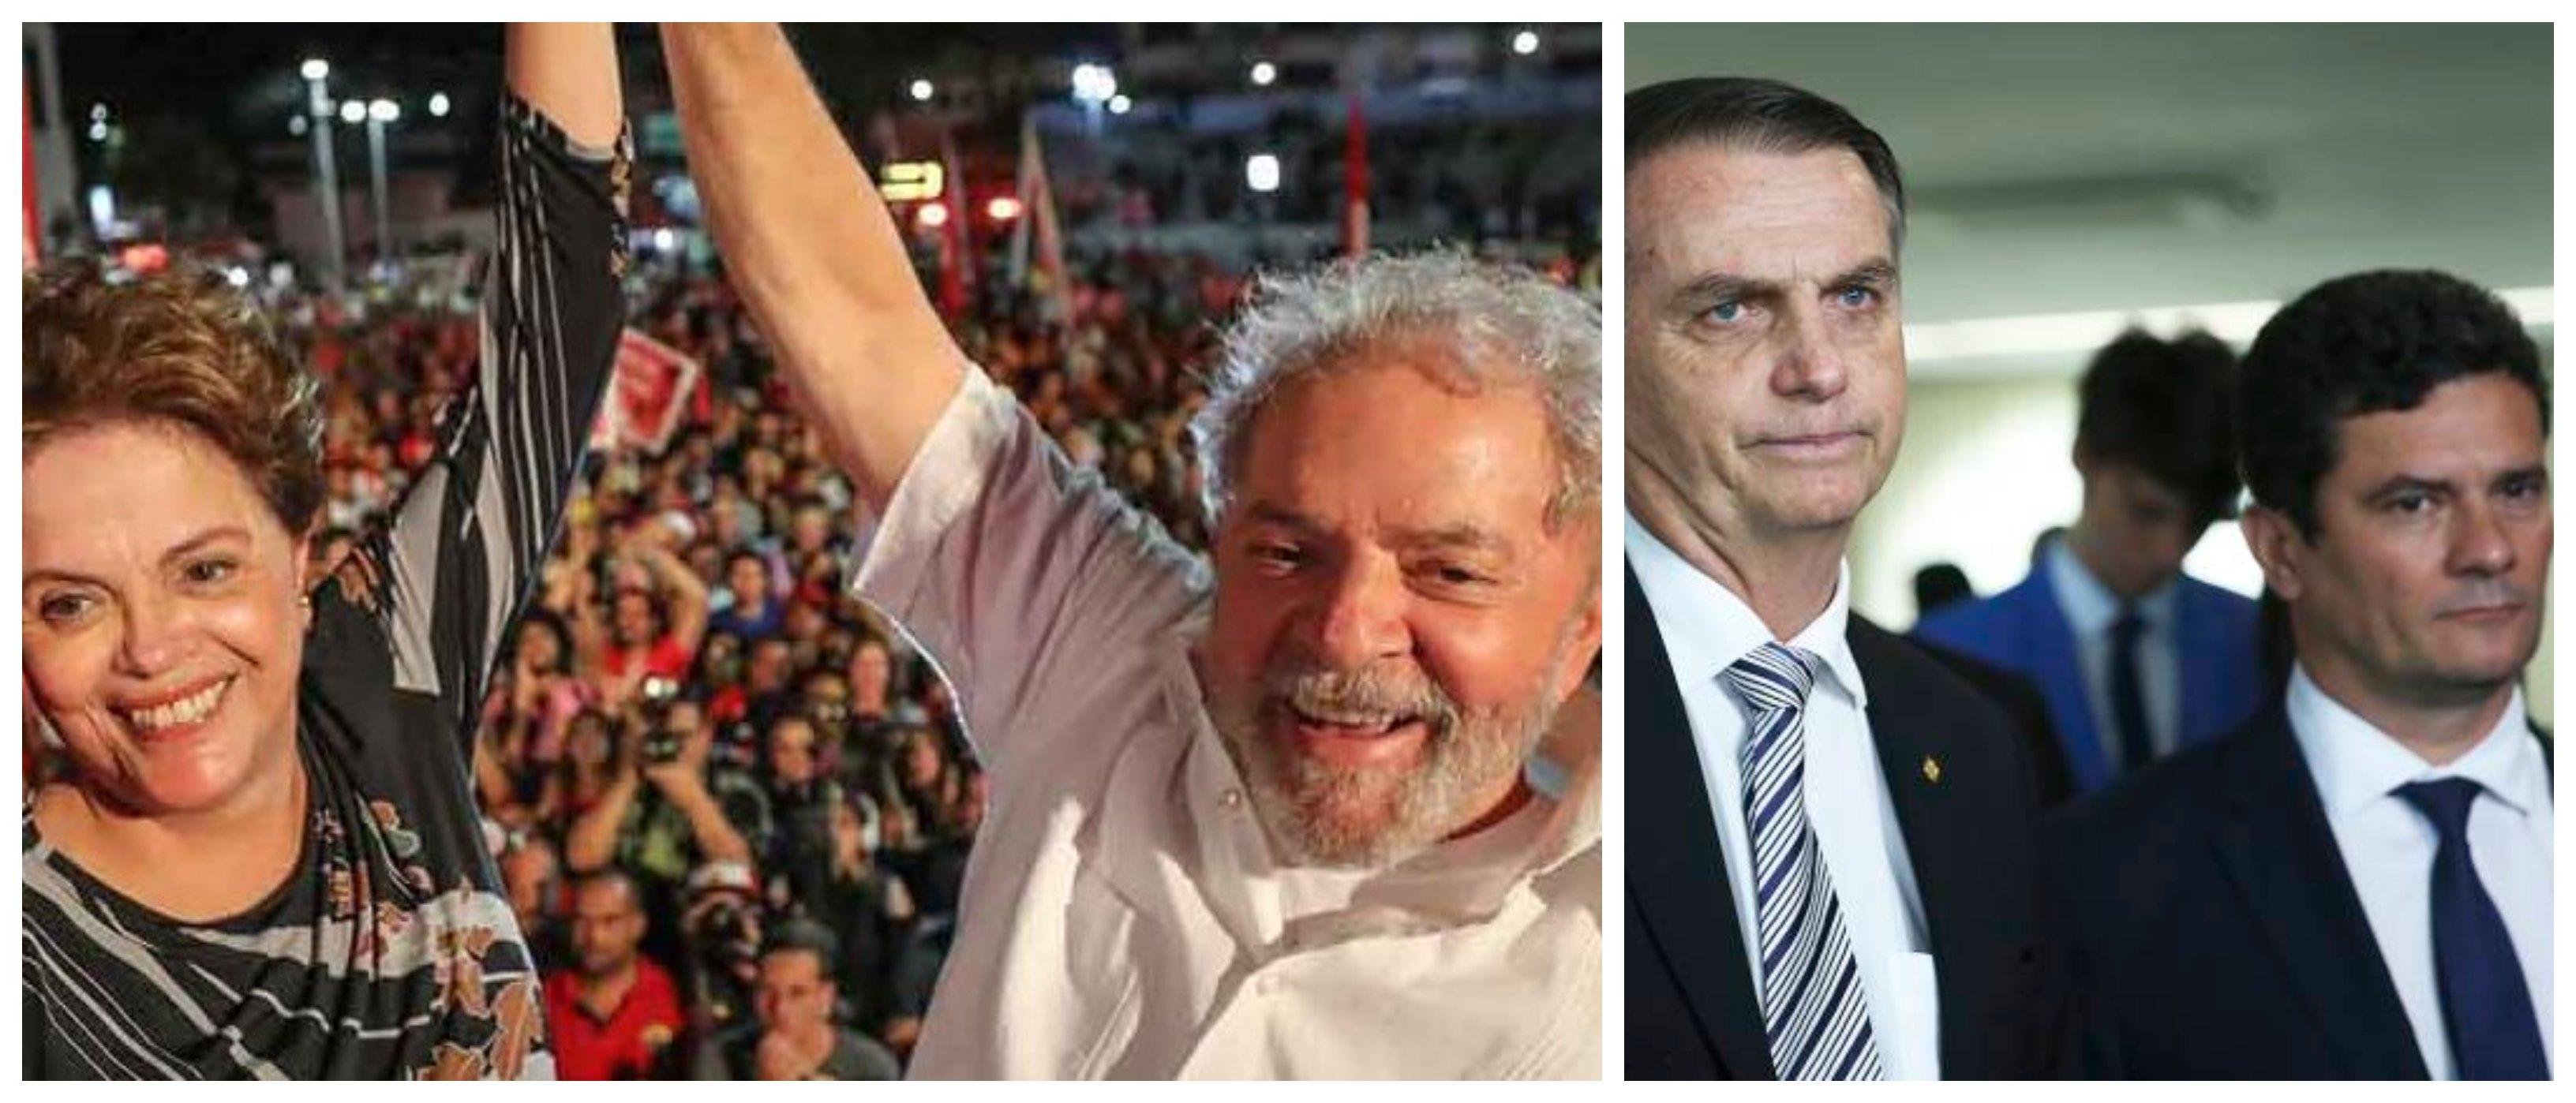 Marcelo Zero: AI-5 seletivo contra o PT, tão aplaudido pela mídia, levou Bolsonaro e neofascismo ao poder